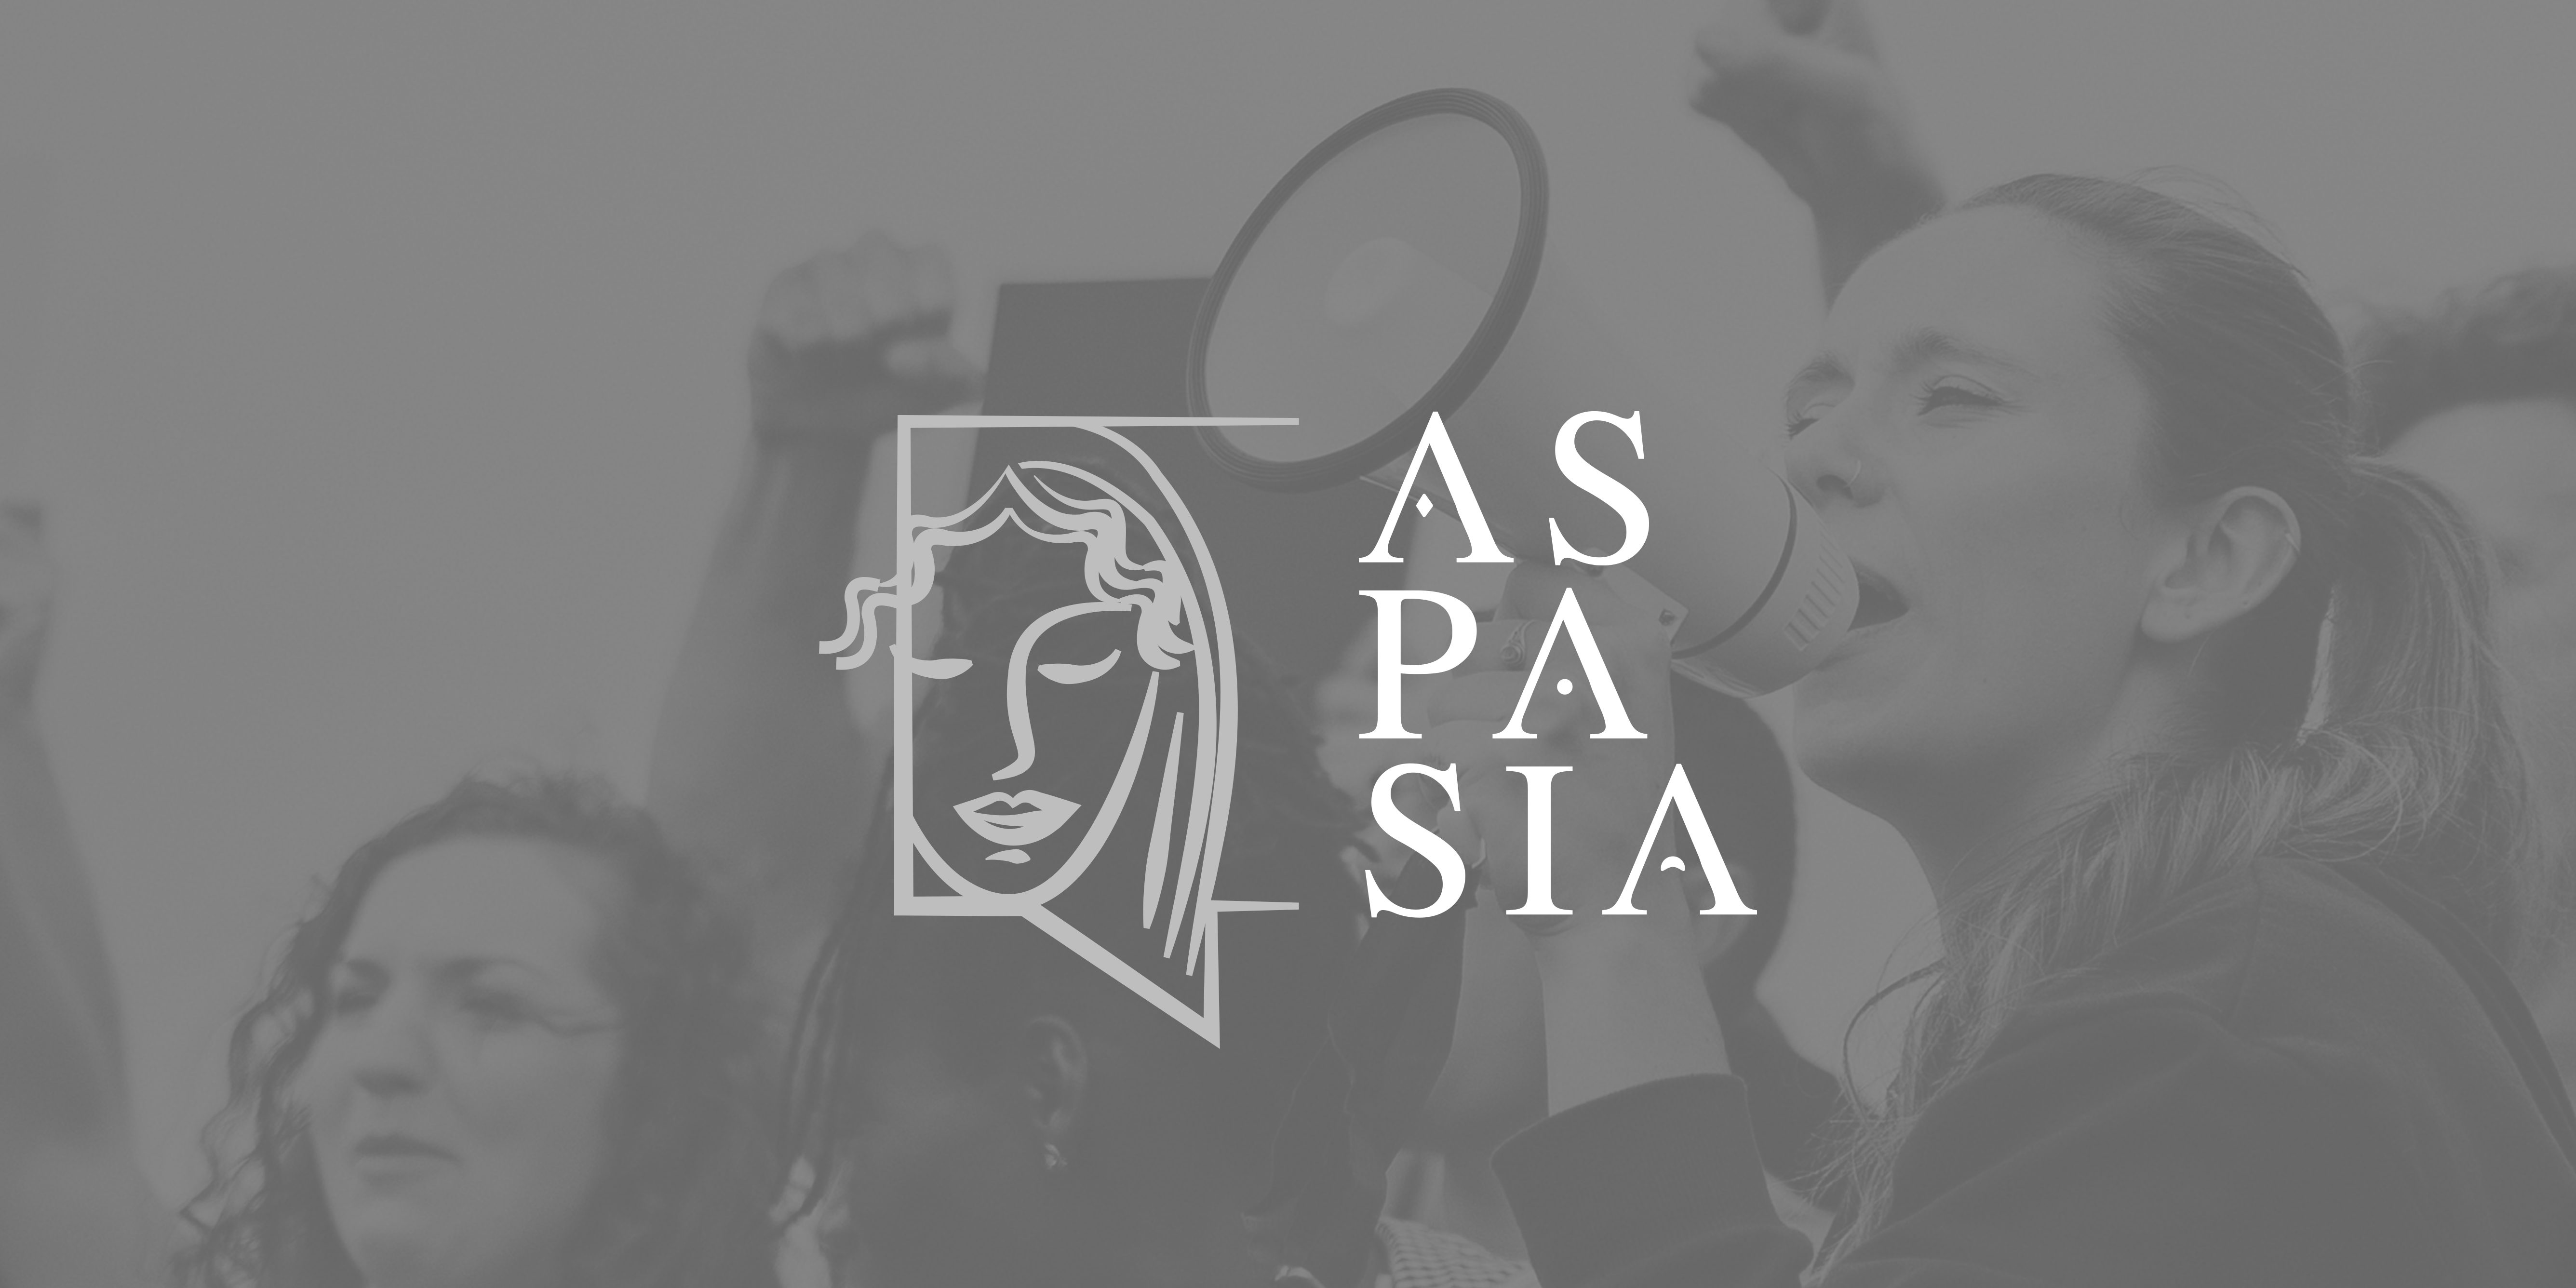 Imagen del proyecto Aspasia